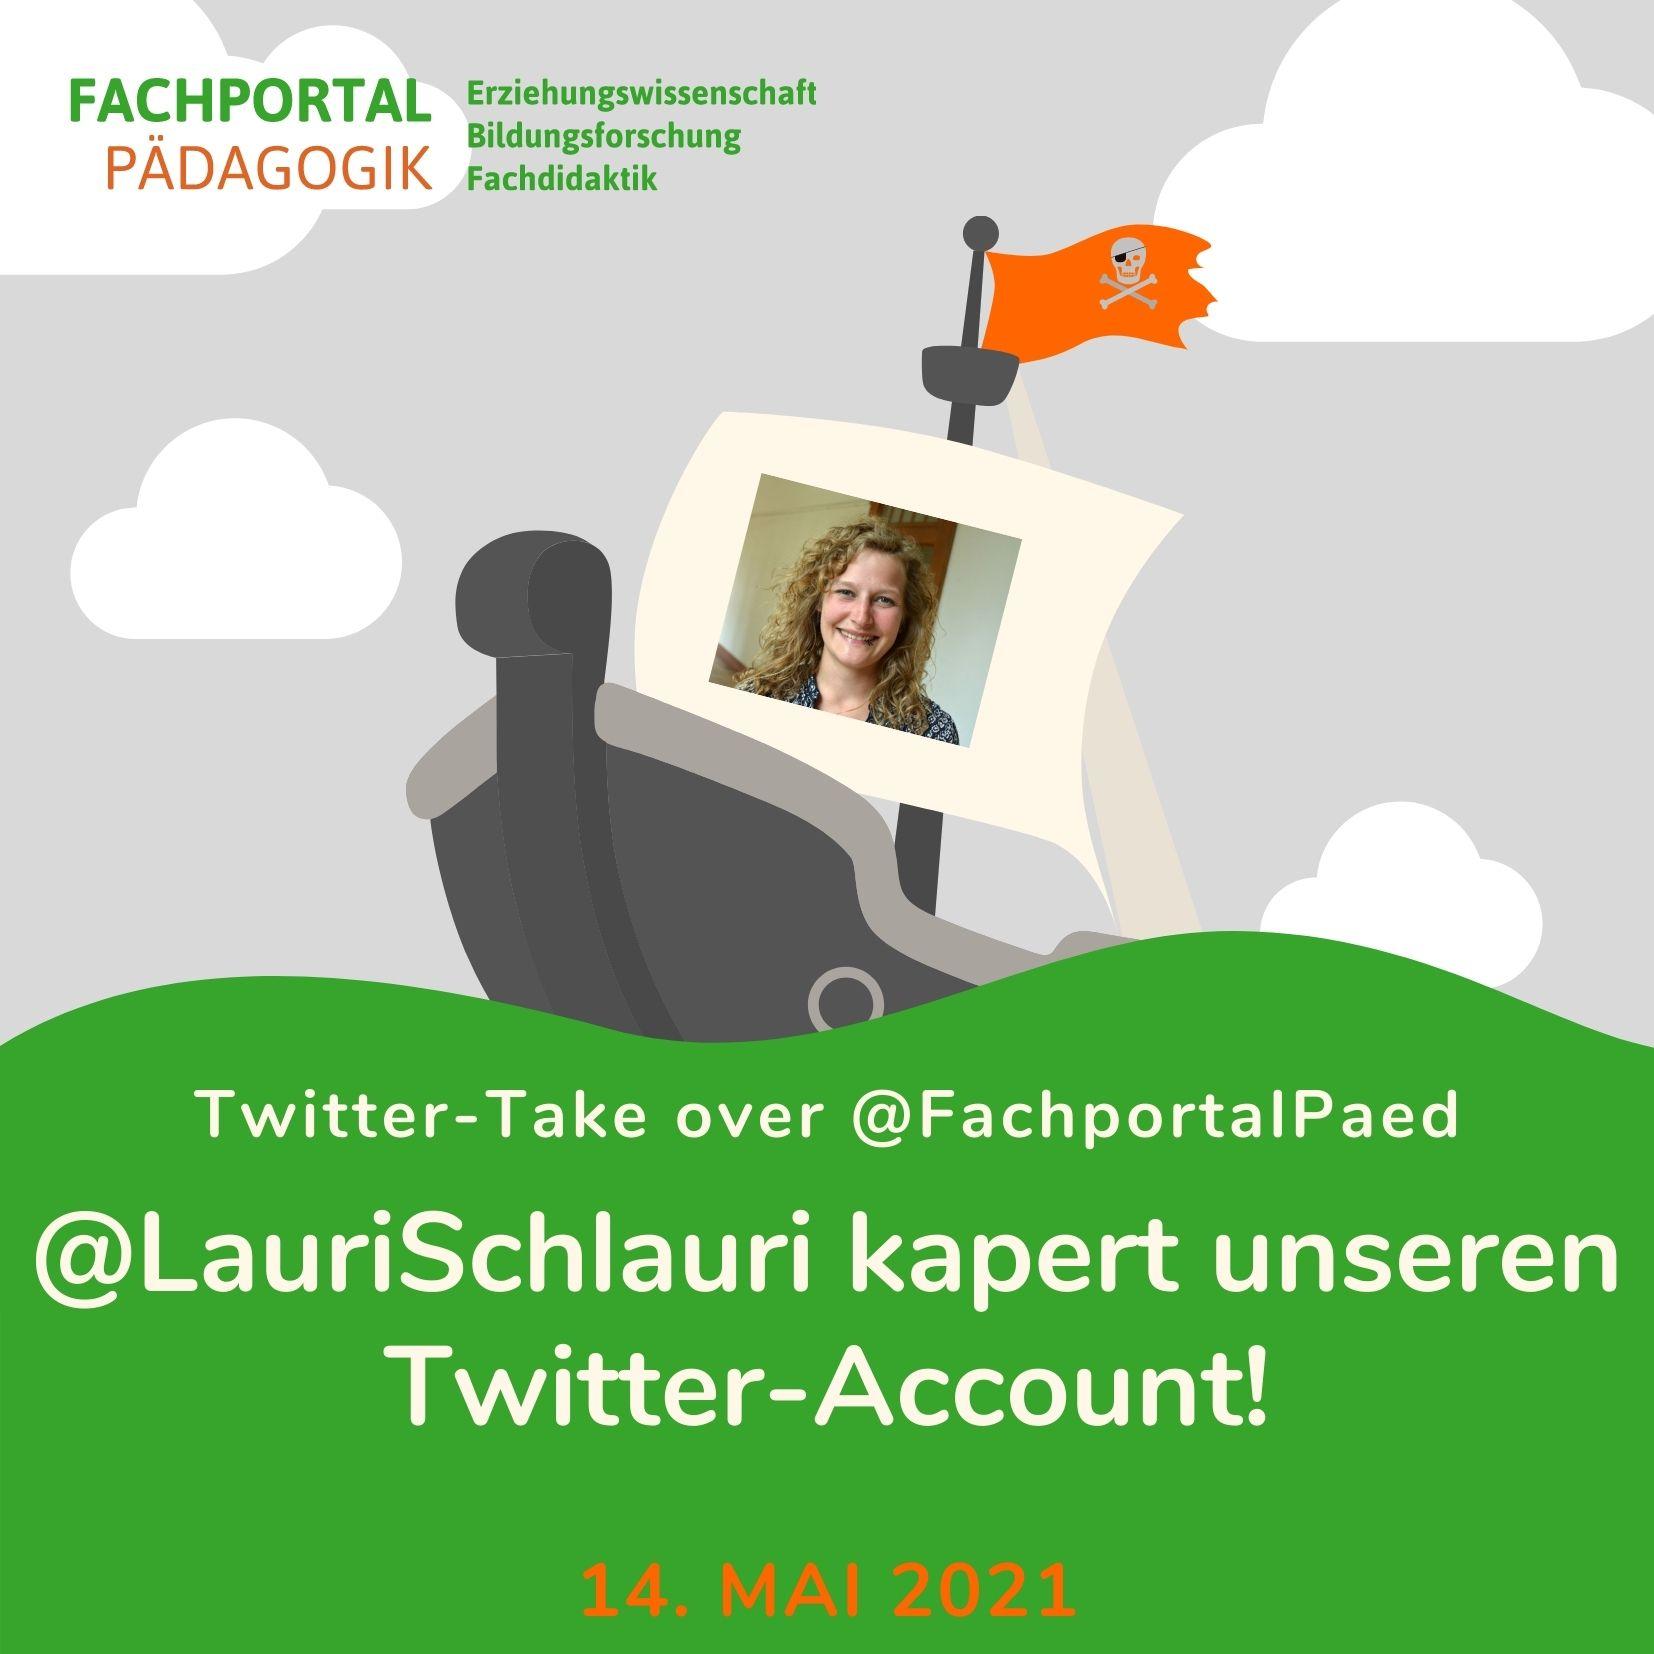 Sharepic zum Twitter-Take over beim Fachportal Pädagogik. Piratenschiff mit Foto der Gastmoderatorin, ihrem Twitter-Account @laurischlauri und dem Datum des Take over - 14. Mai. Der